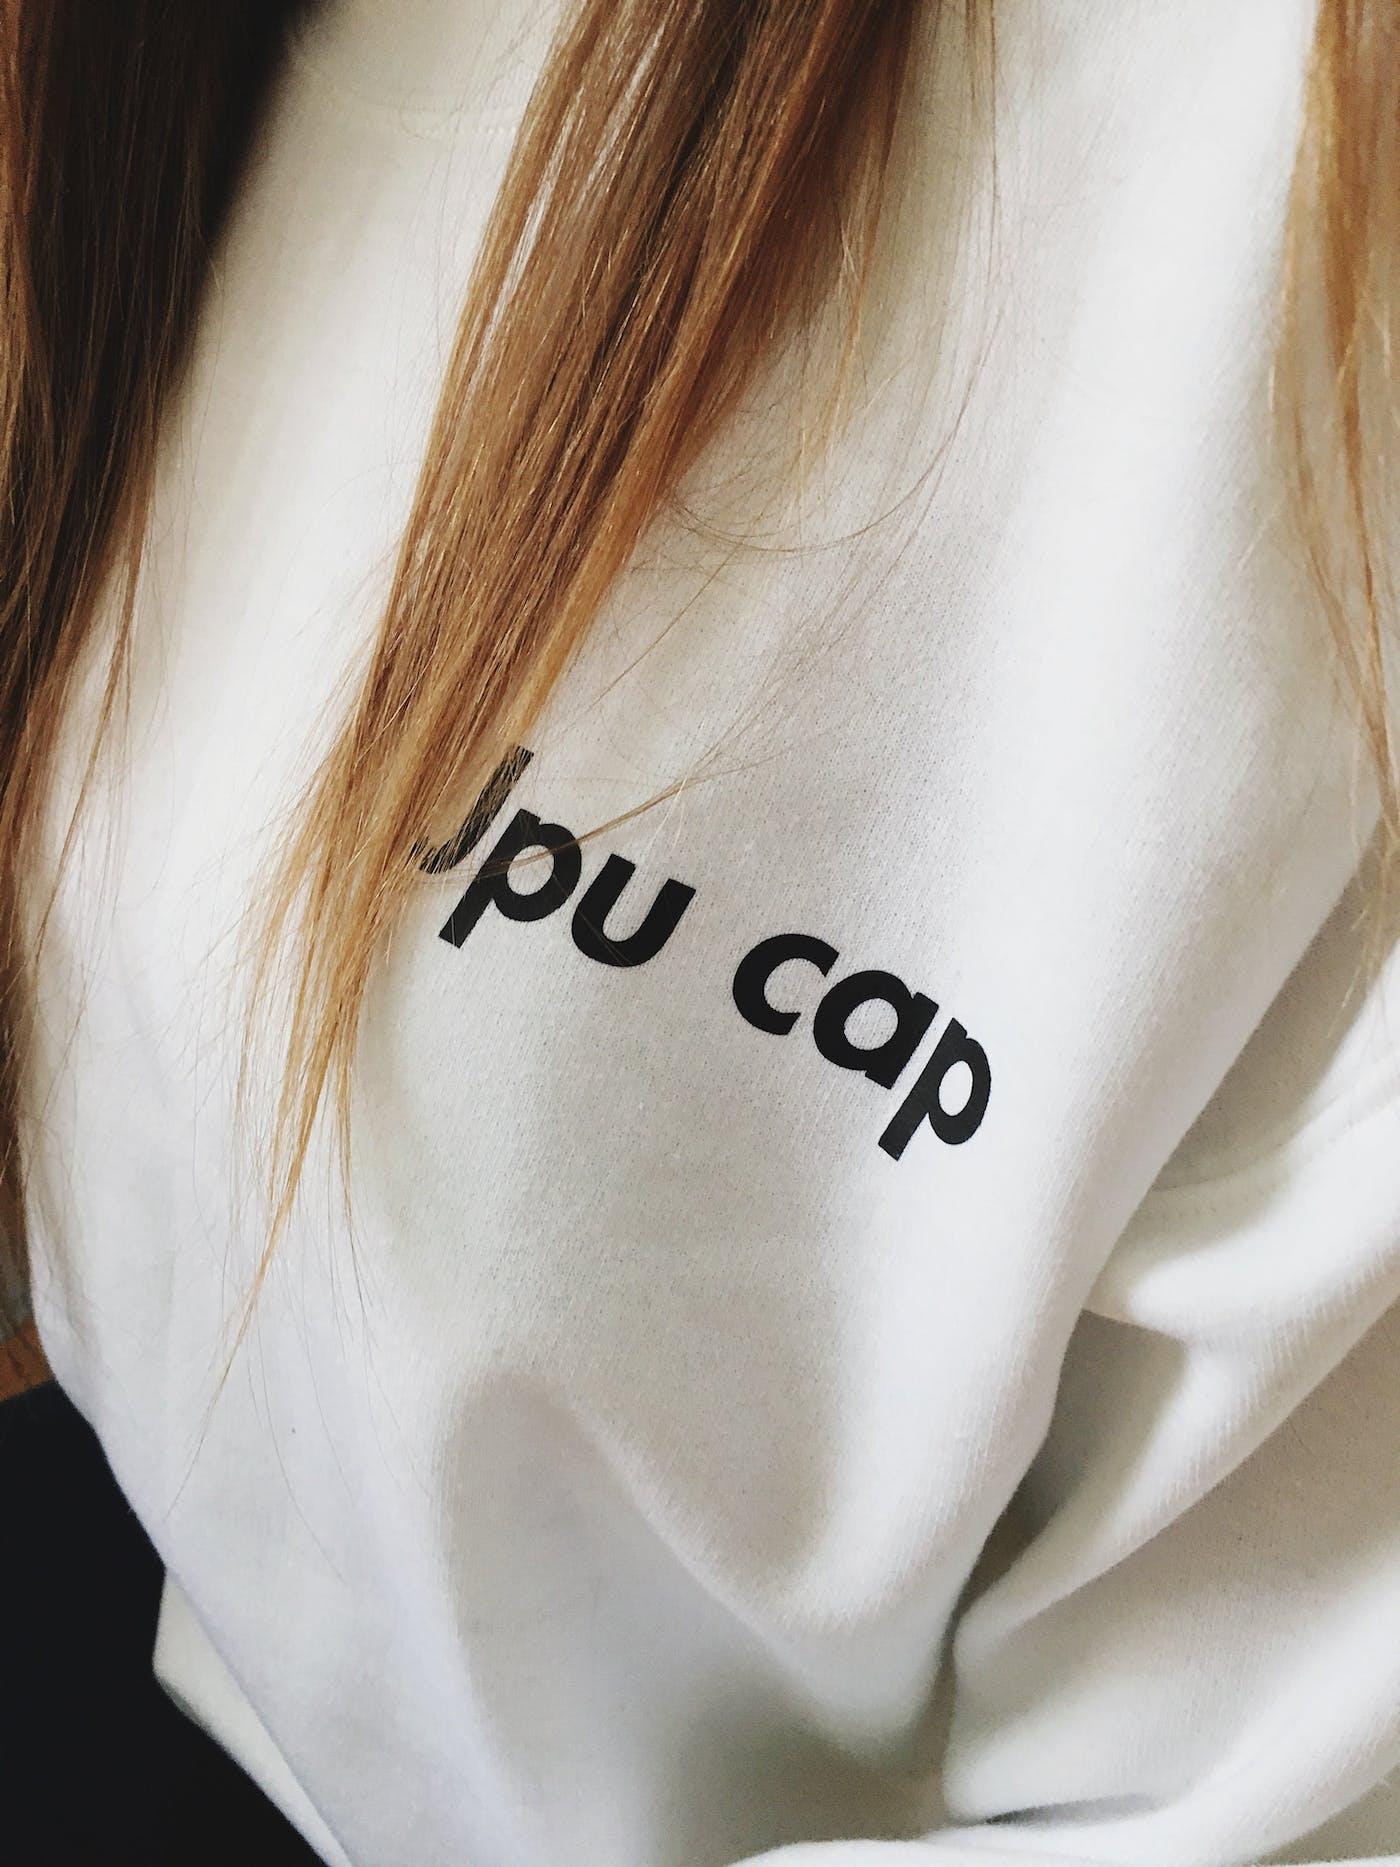 JPU CAP Sweater in White